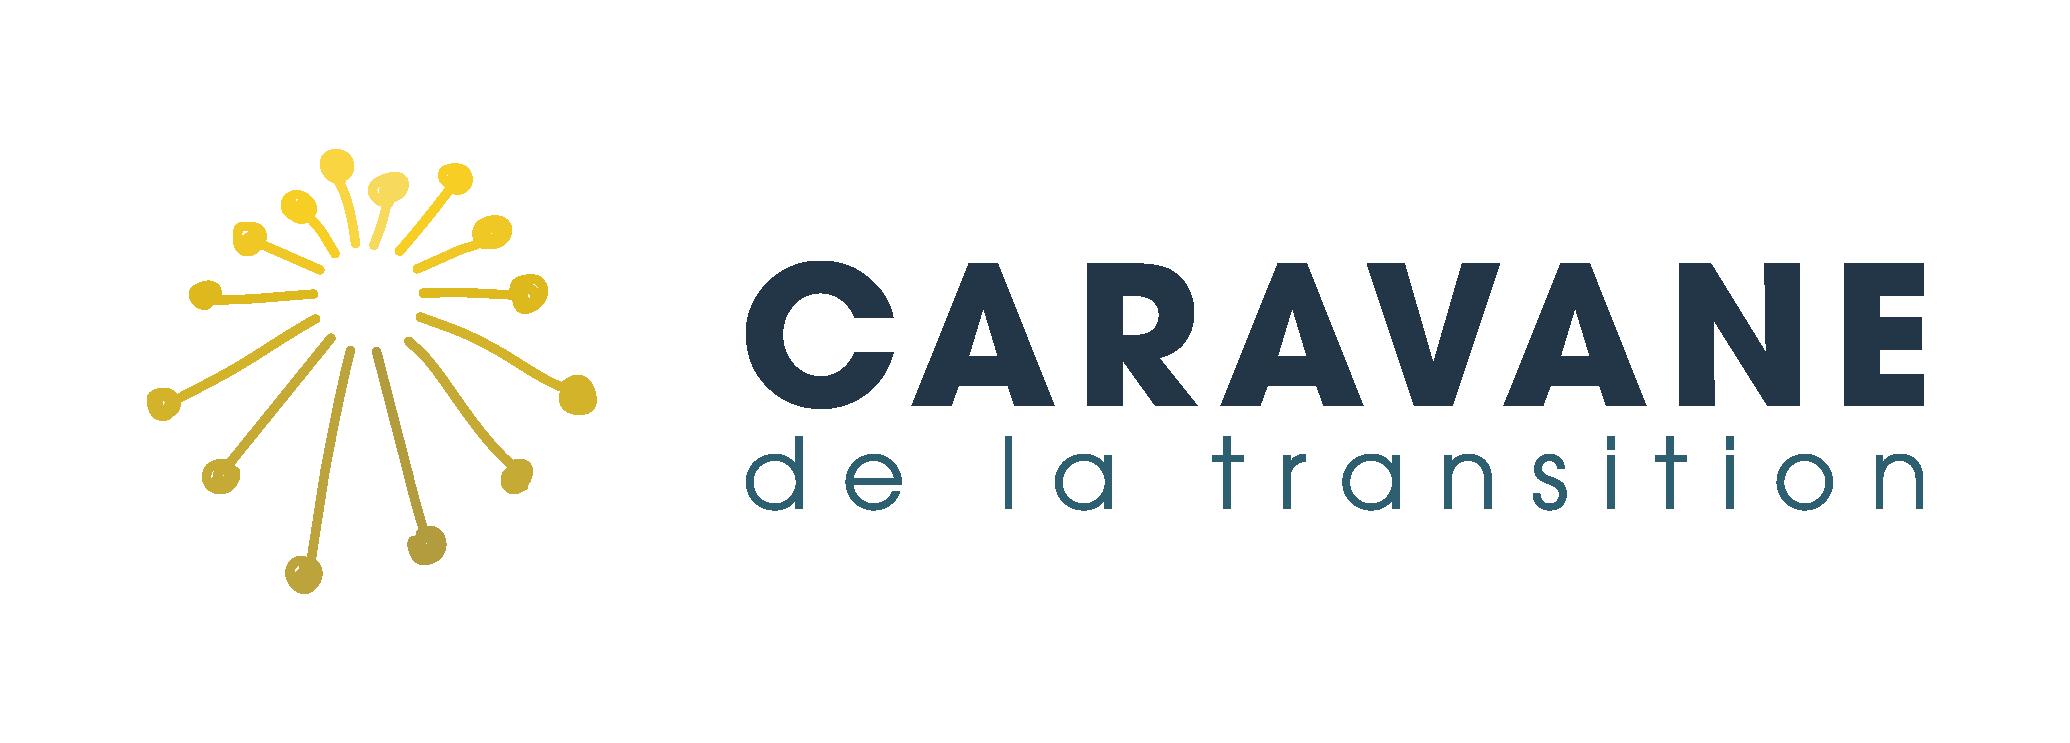 La Caravane de la Transition